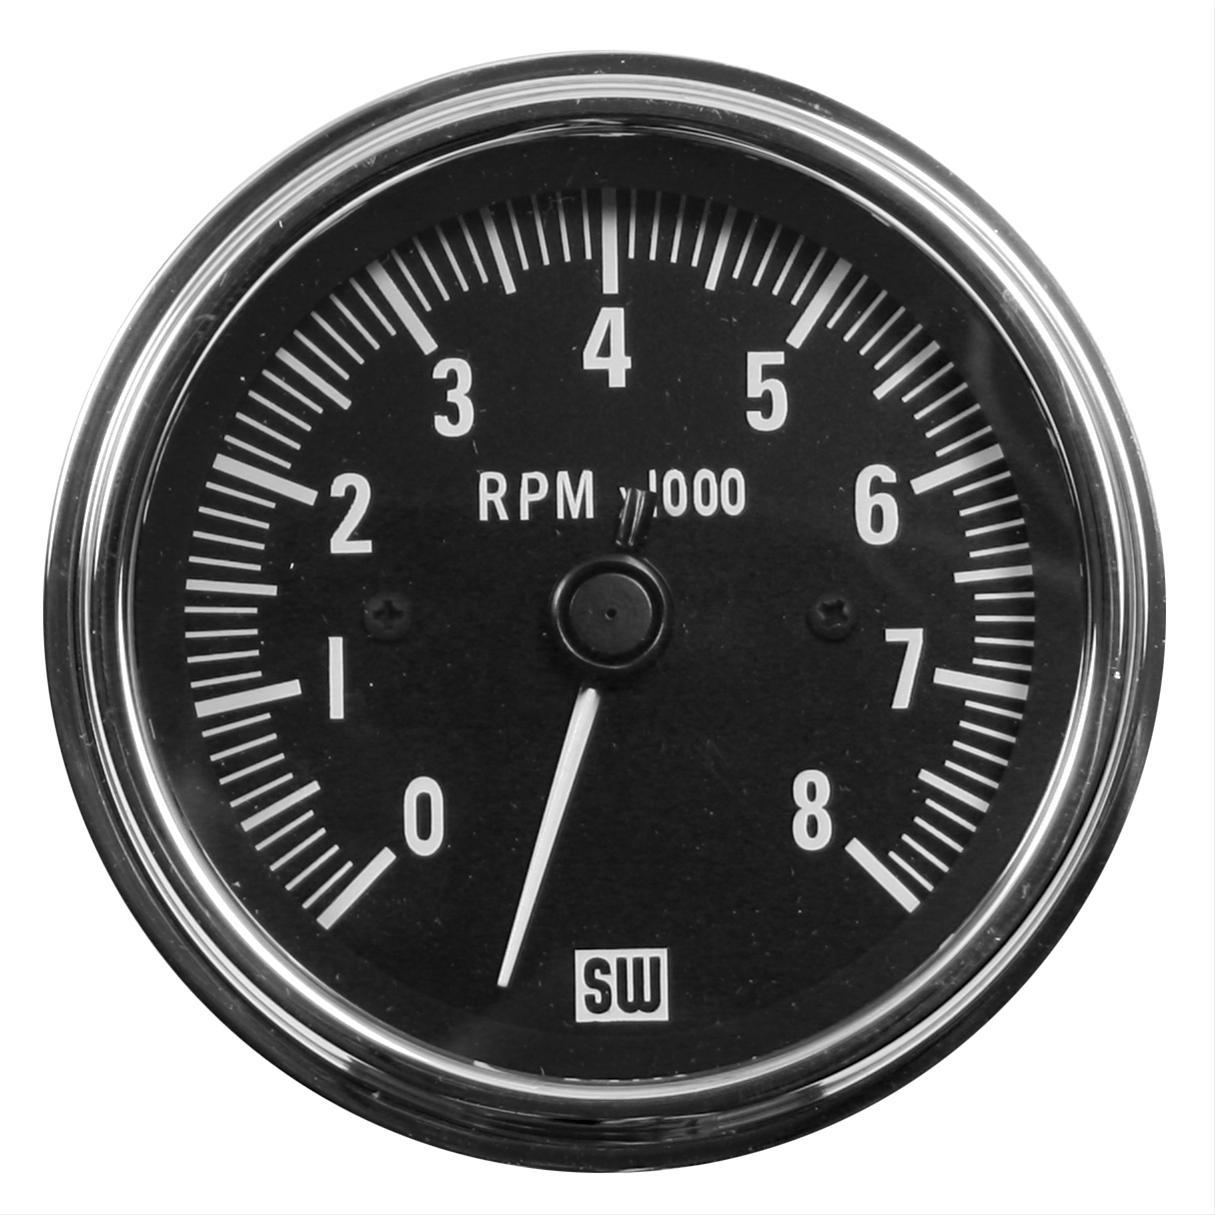 circuit diagram book pictures stewart warner deluxe series tachometers m 82163 free  stewart warner deluxe series tachometers m 82163 free